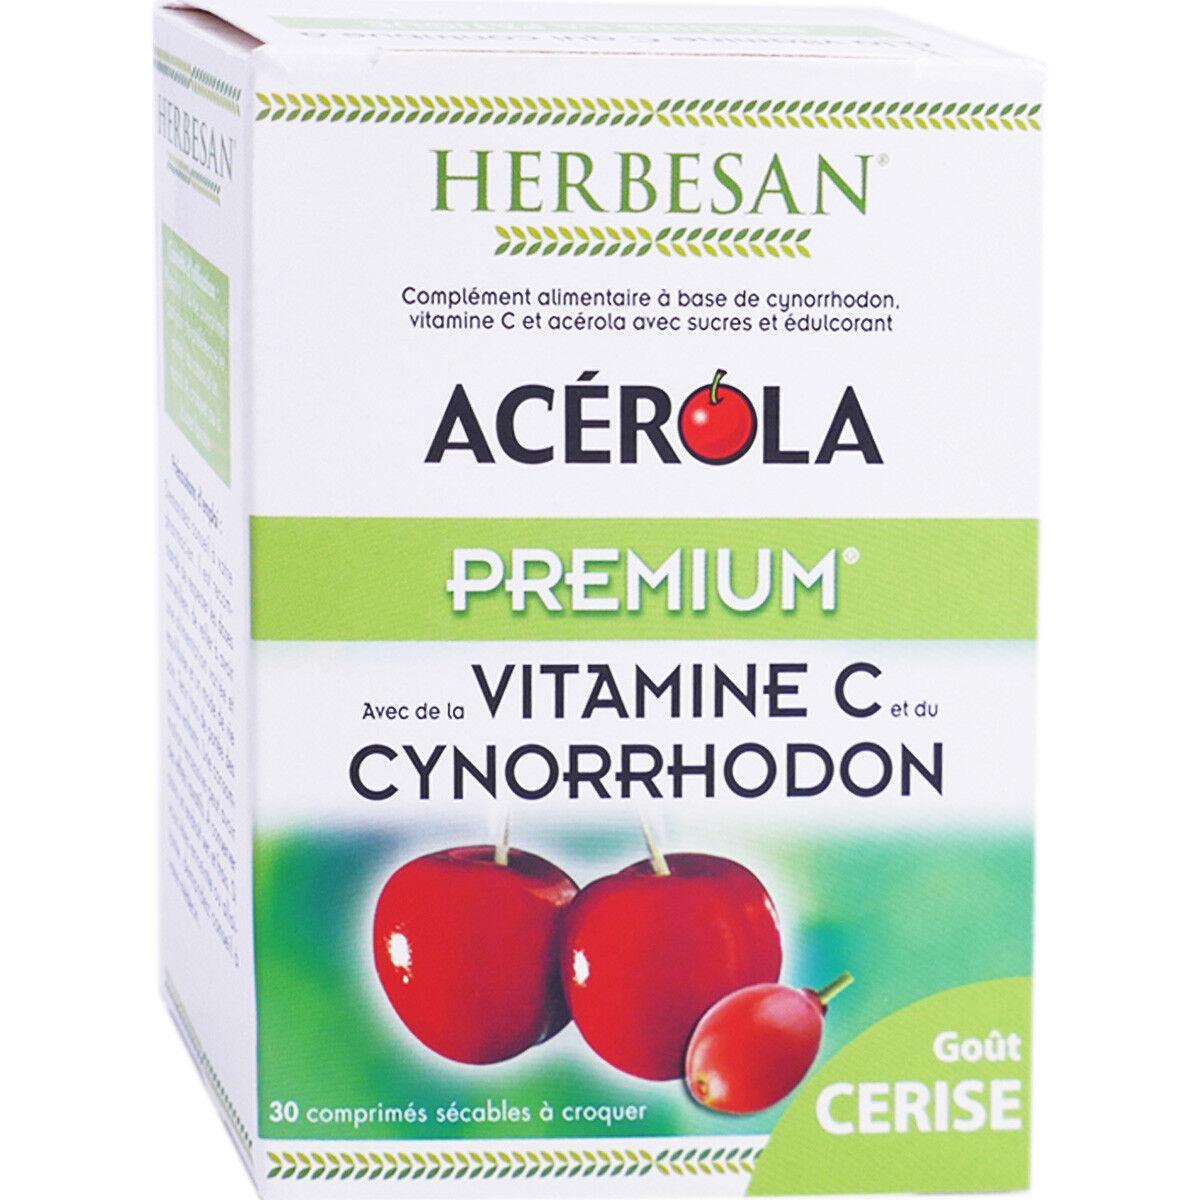 Herbesan acerola premium vitamine c 500 30 comprimes